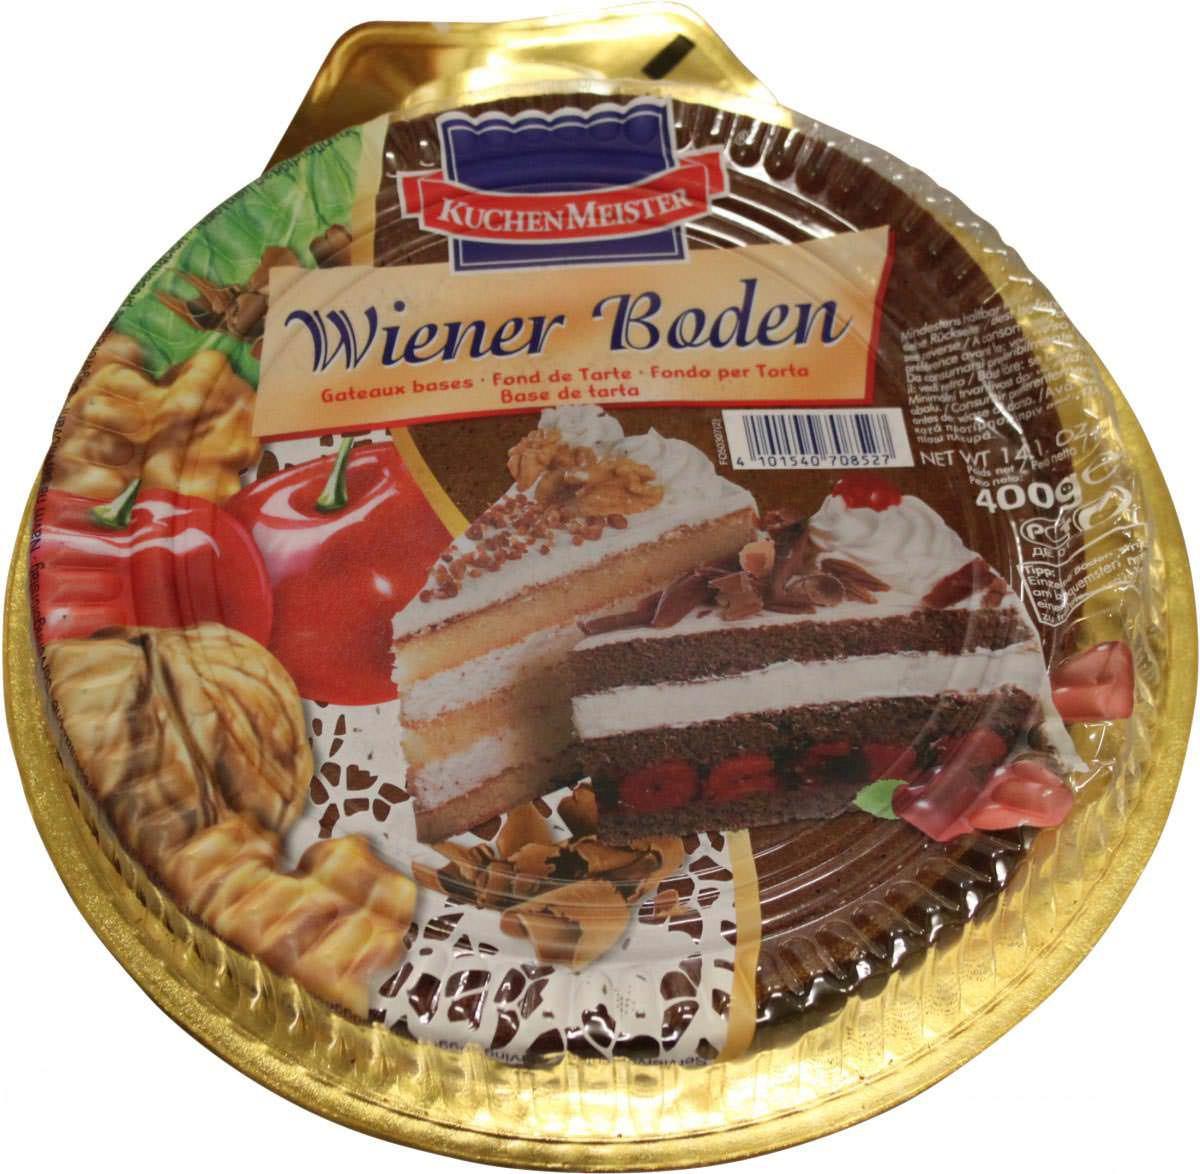 Kuchenmeister Wiener Boden Dunkel 400g Feinkost Lebensmittel Brot